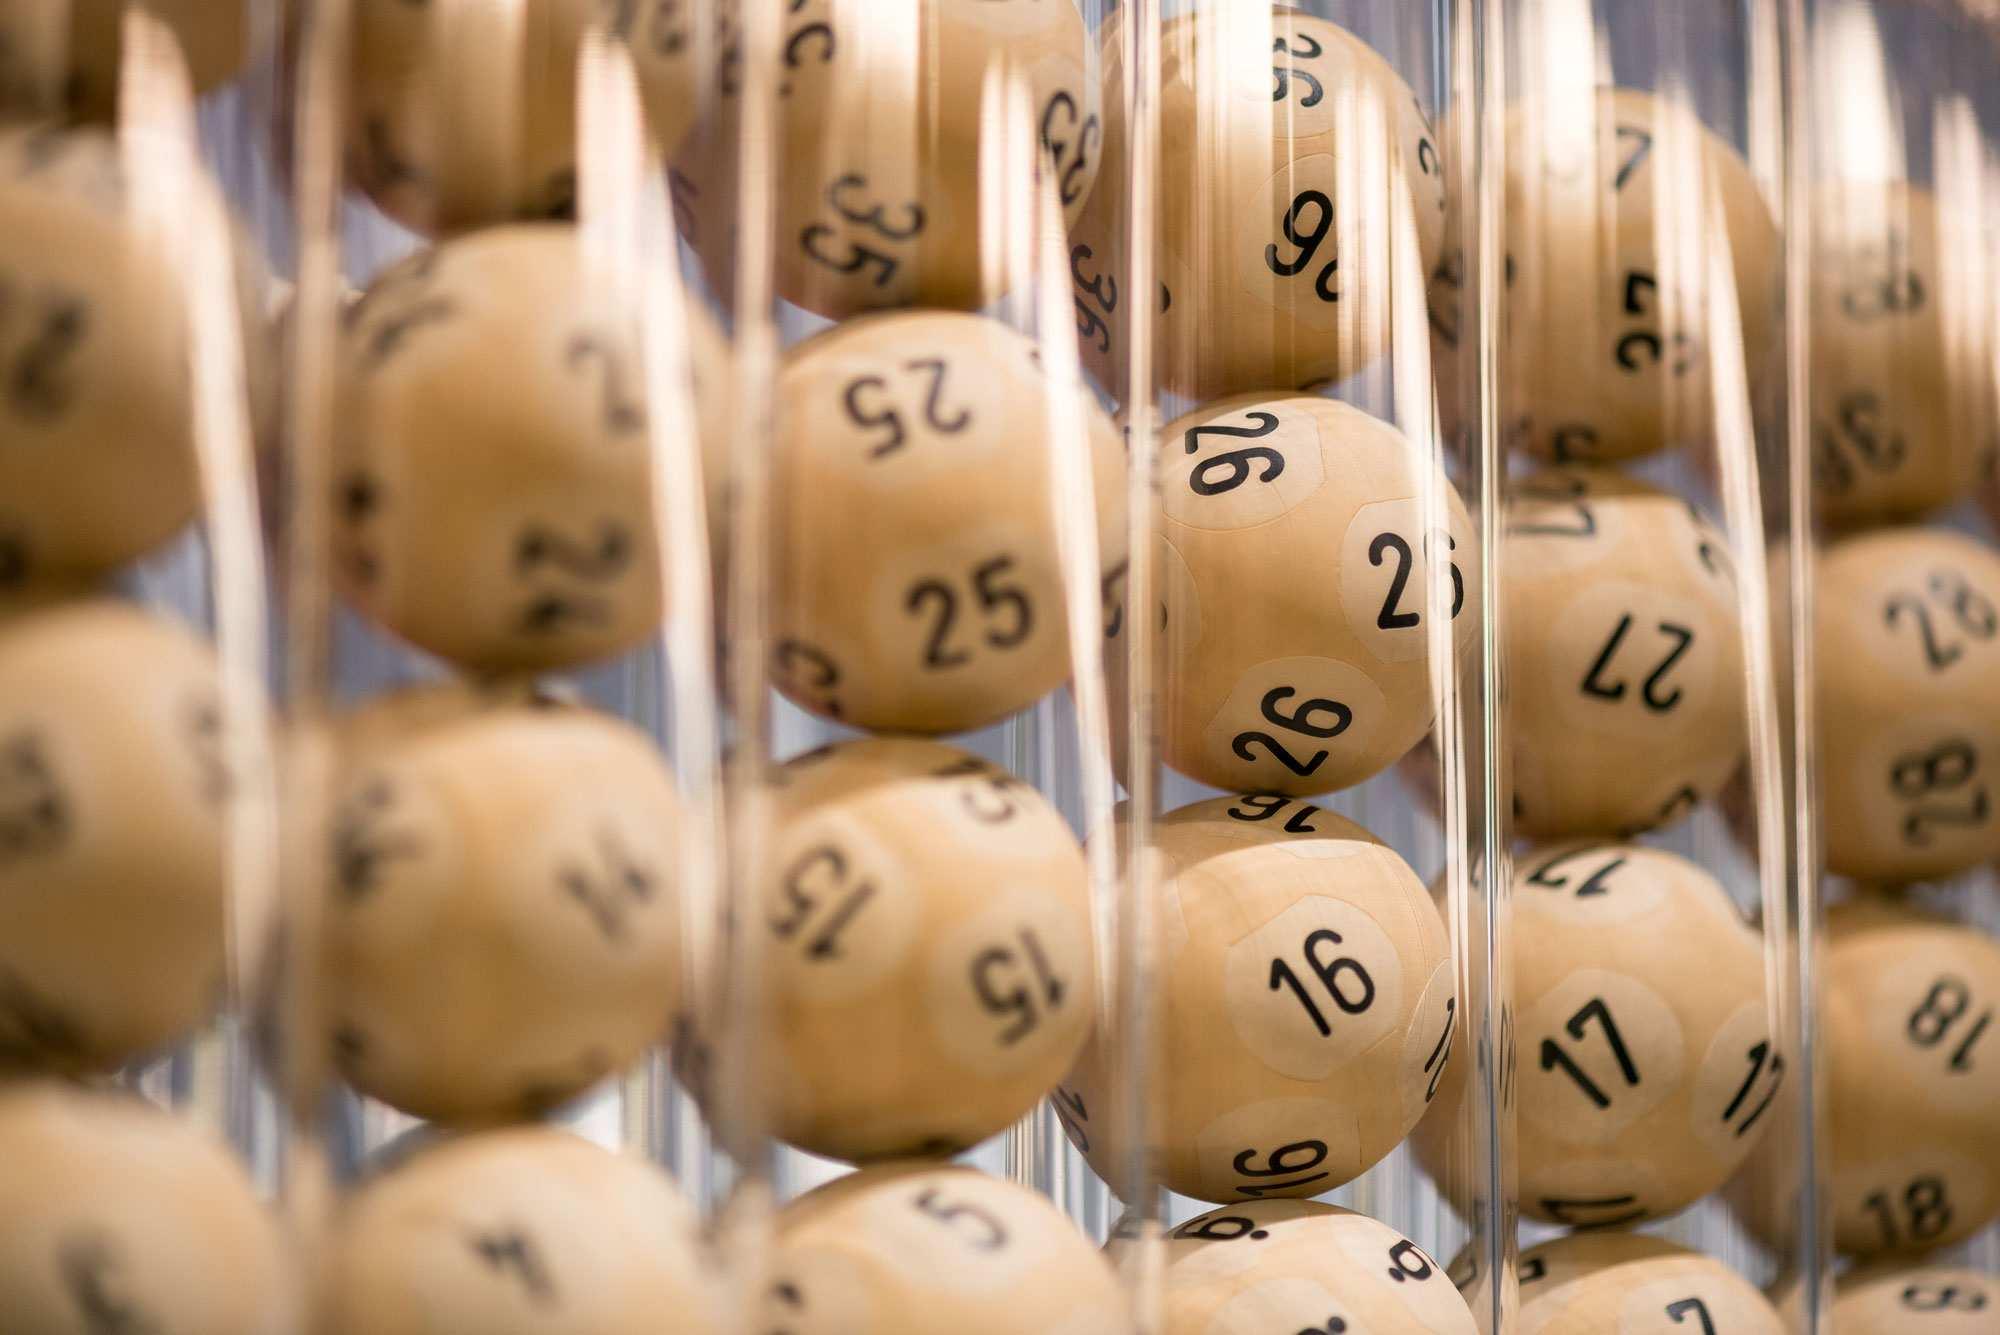 Gioca al lotto tedesco online: confronto dei prezzi su lotto.eu